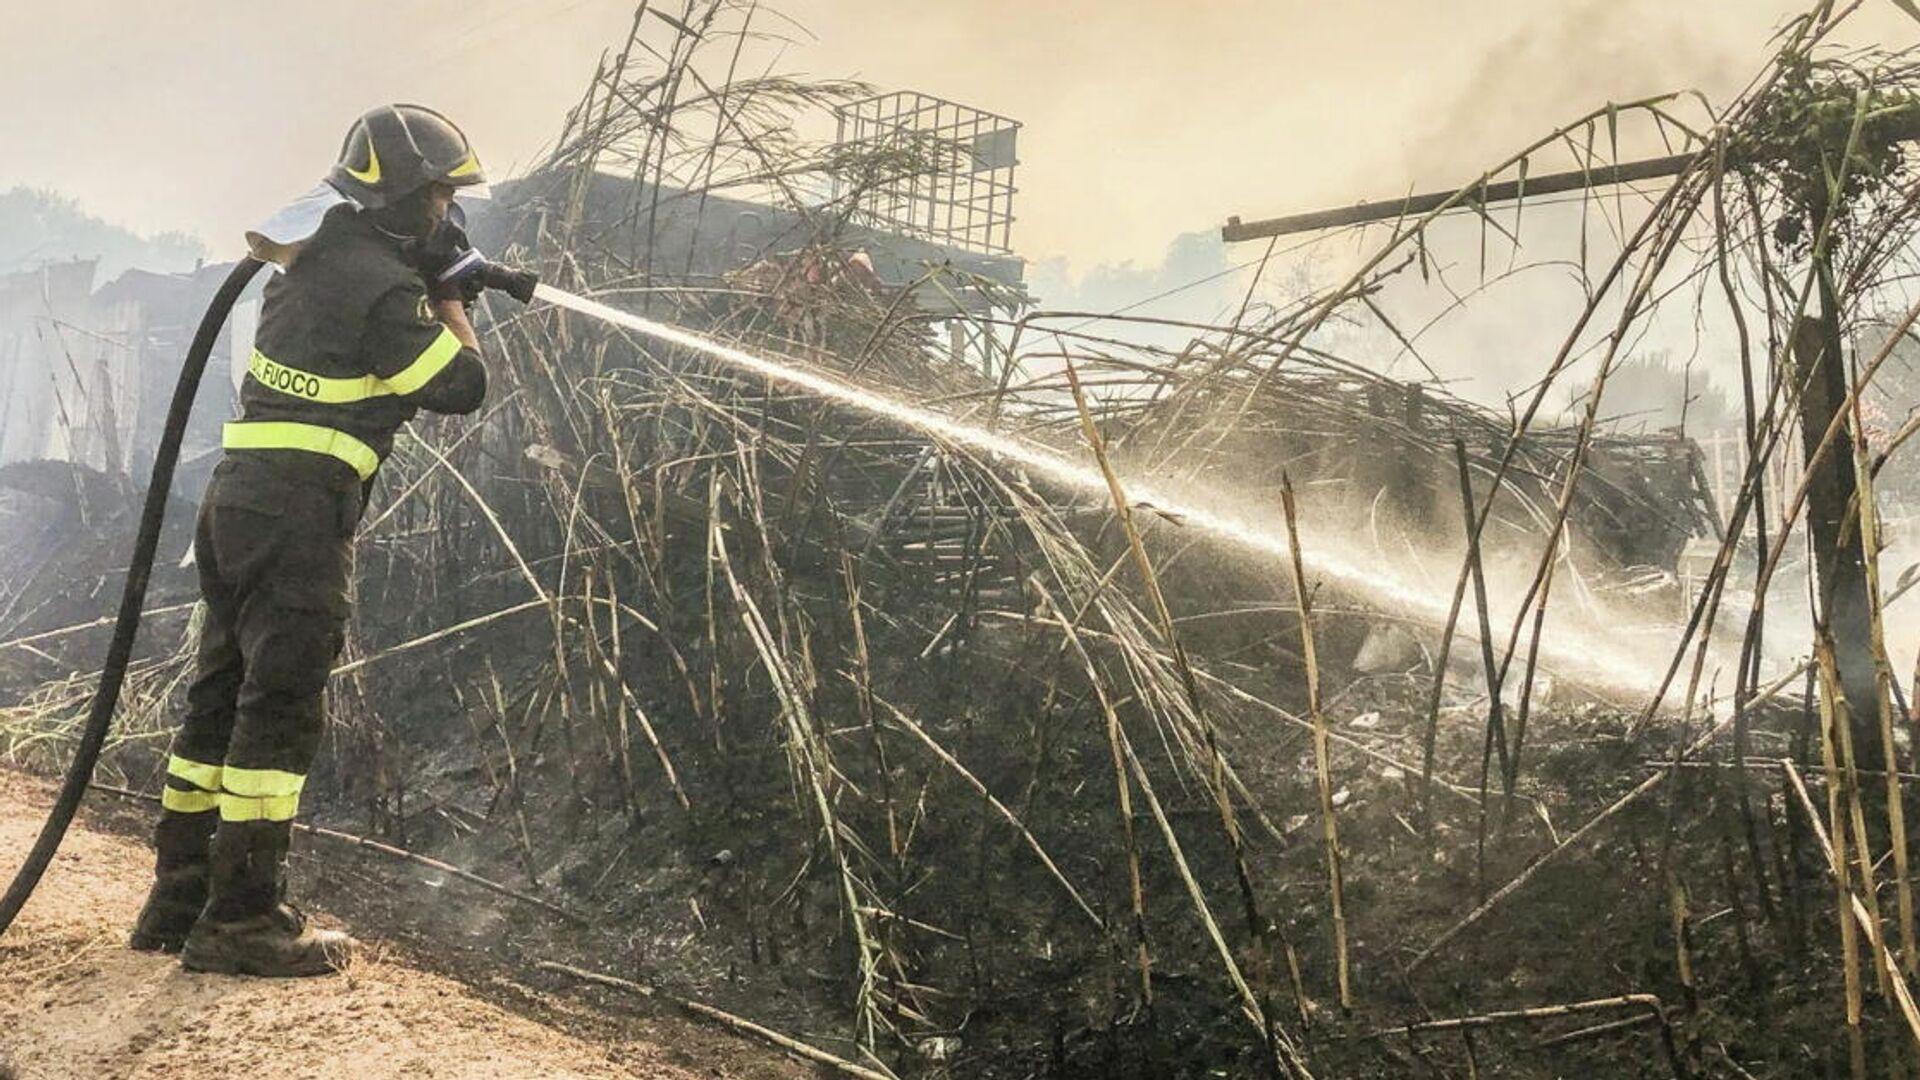 Пожарный во время тушения лесного пожара на Сардинии - РИА Новости, 1920, 25.07.2021